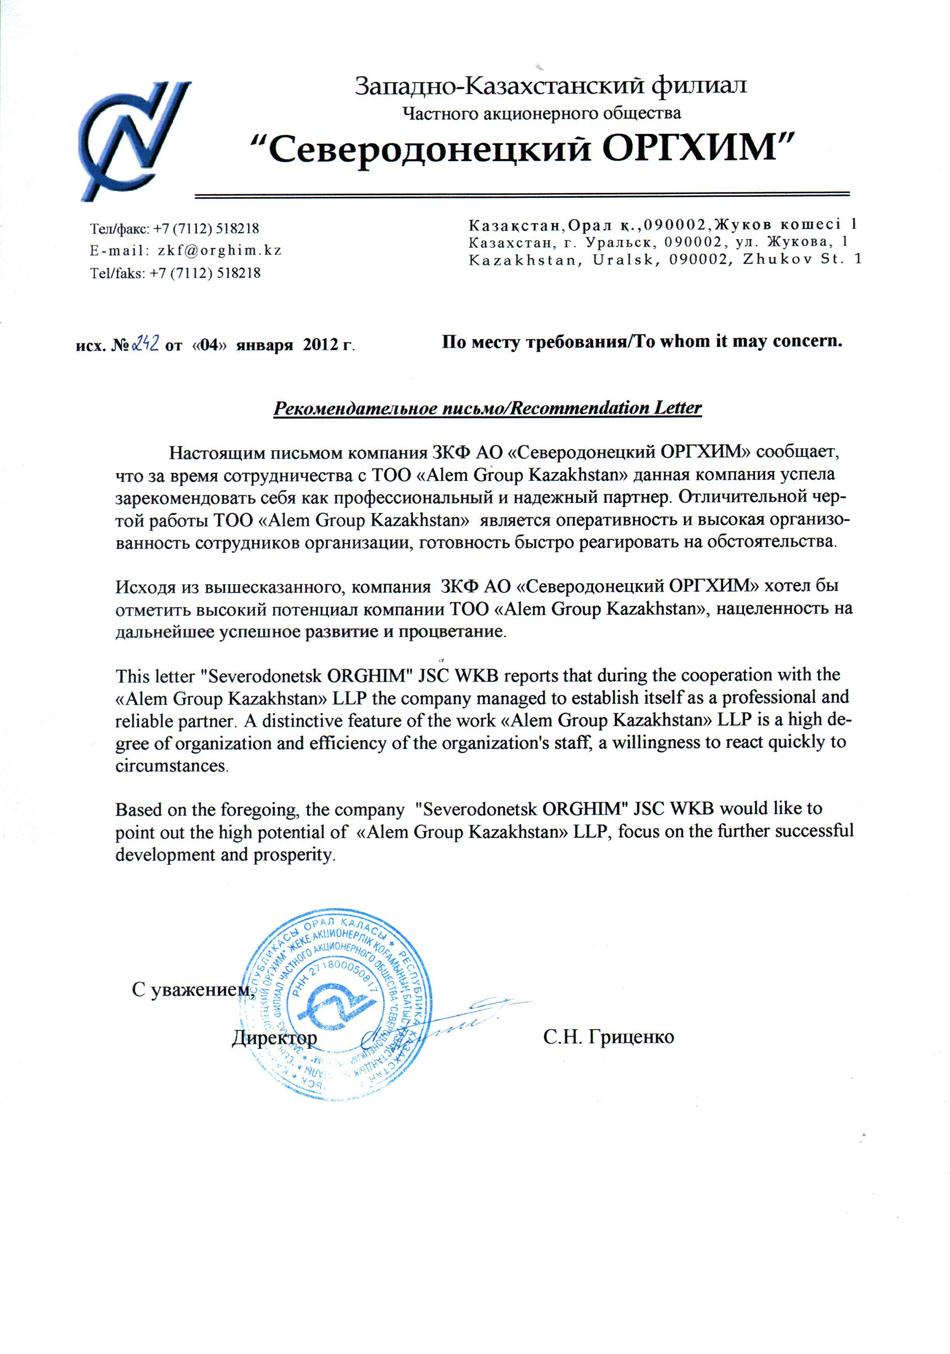 recommendation letter severodonetsk orhim